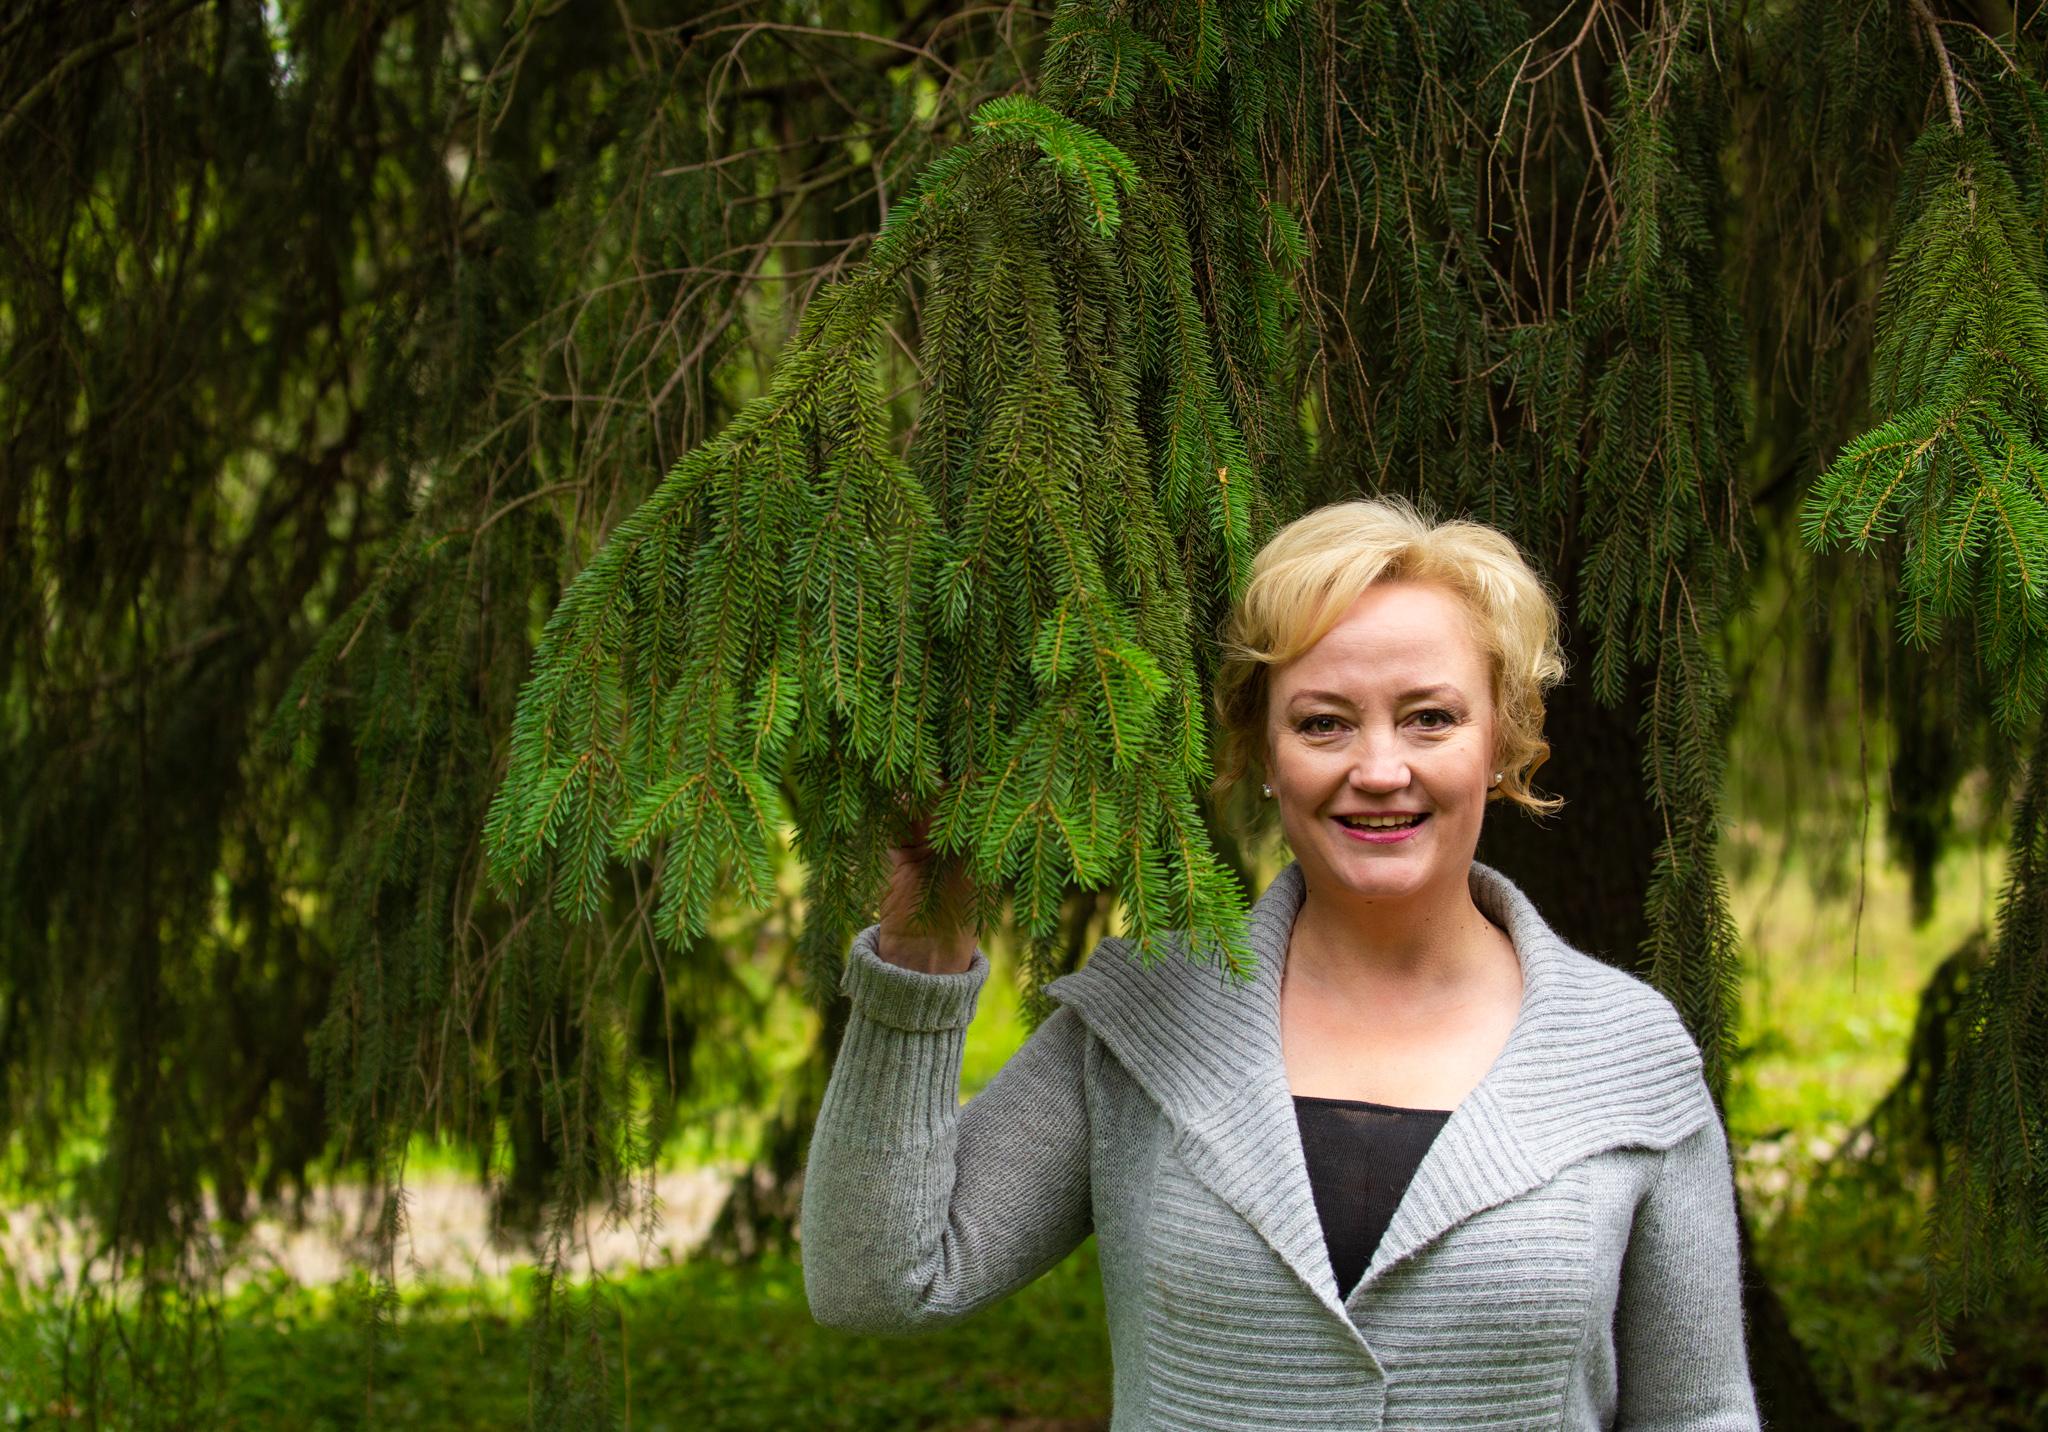 europarlamentaarikko Elsi Katainen pitelee suurta kuusen oksaa suomalaisessa metsässä